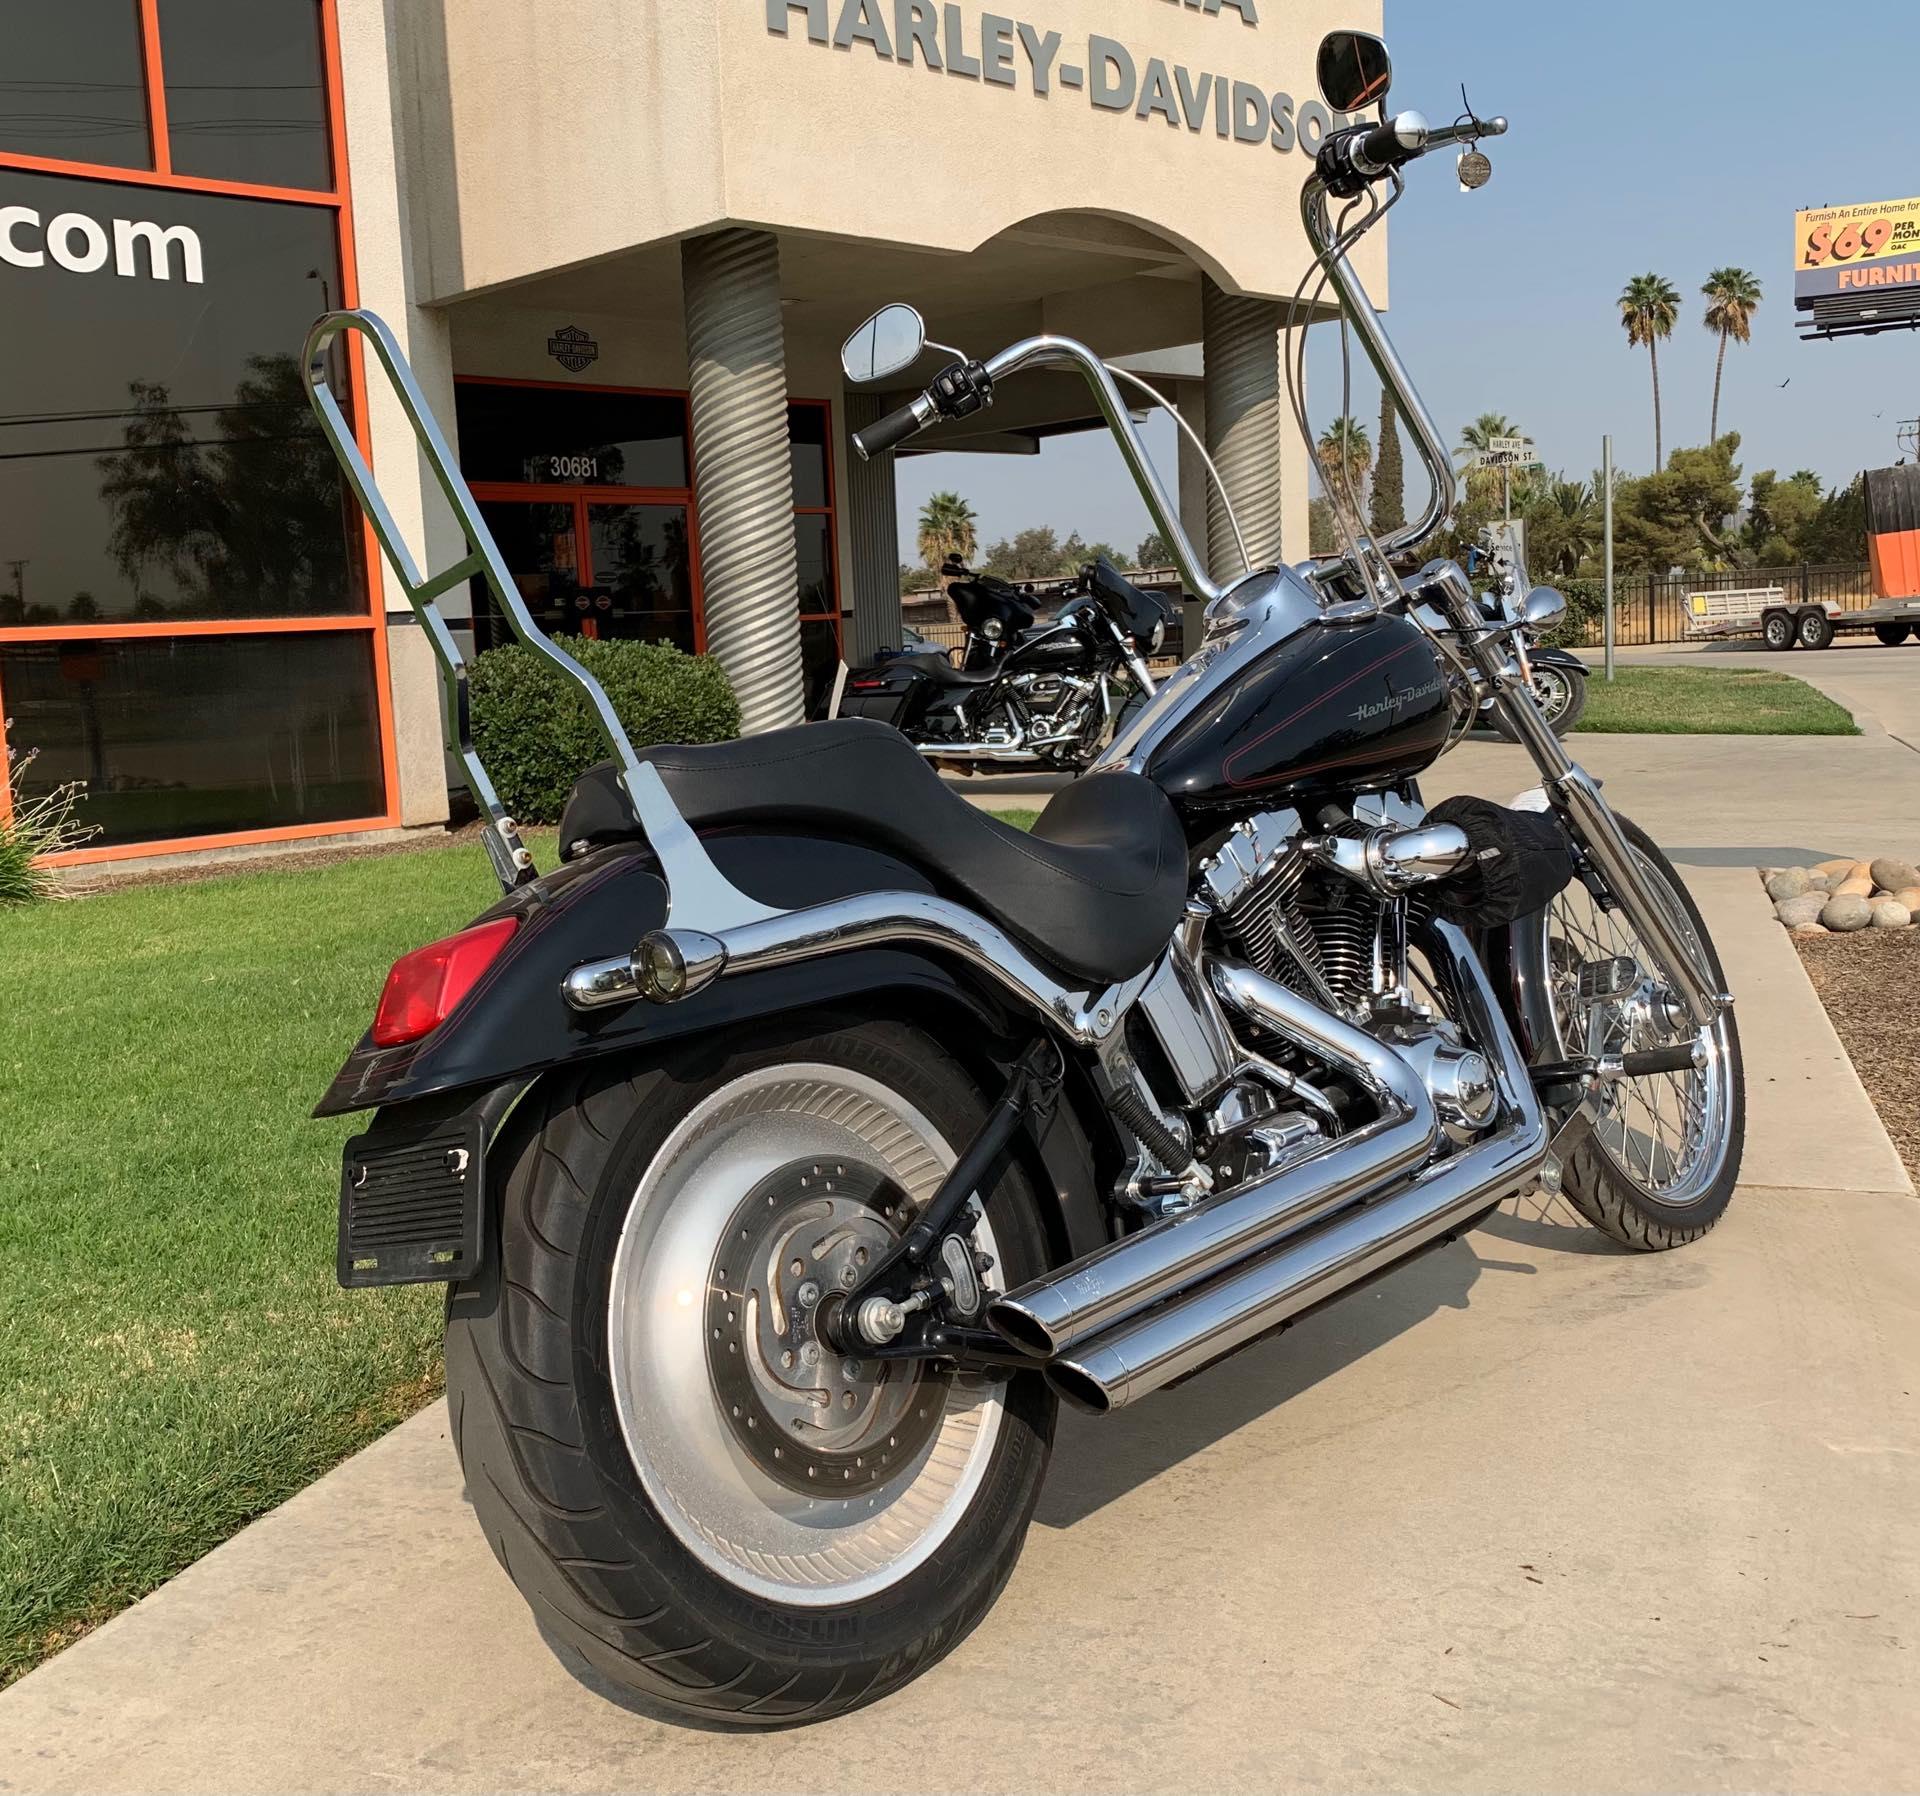 2002 Harley-Davidson FXSTDI at Visalia Harley-Davidson